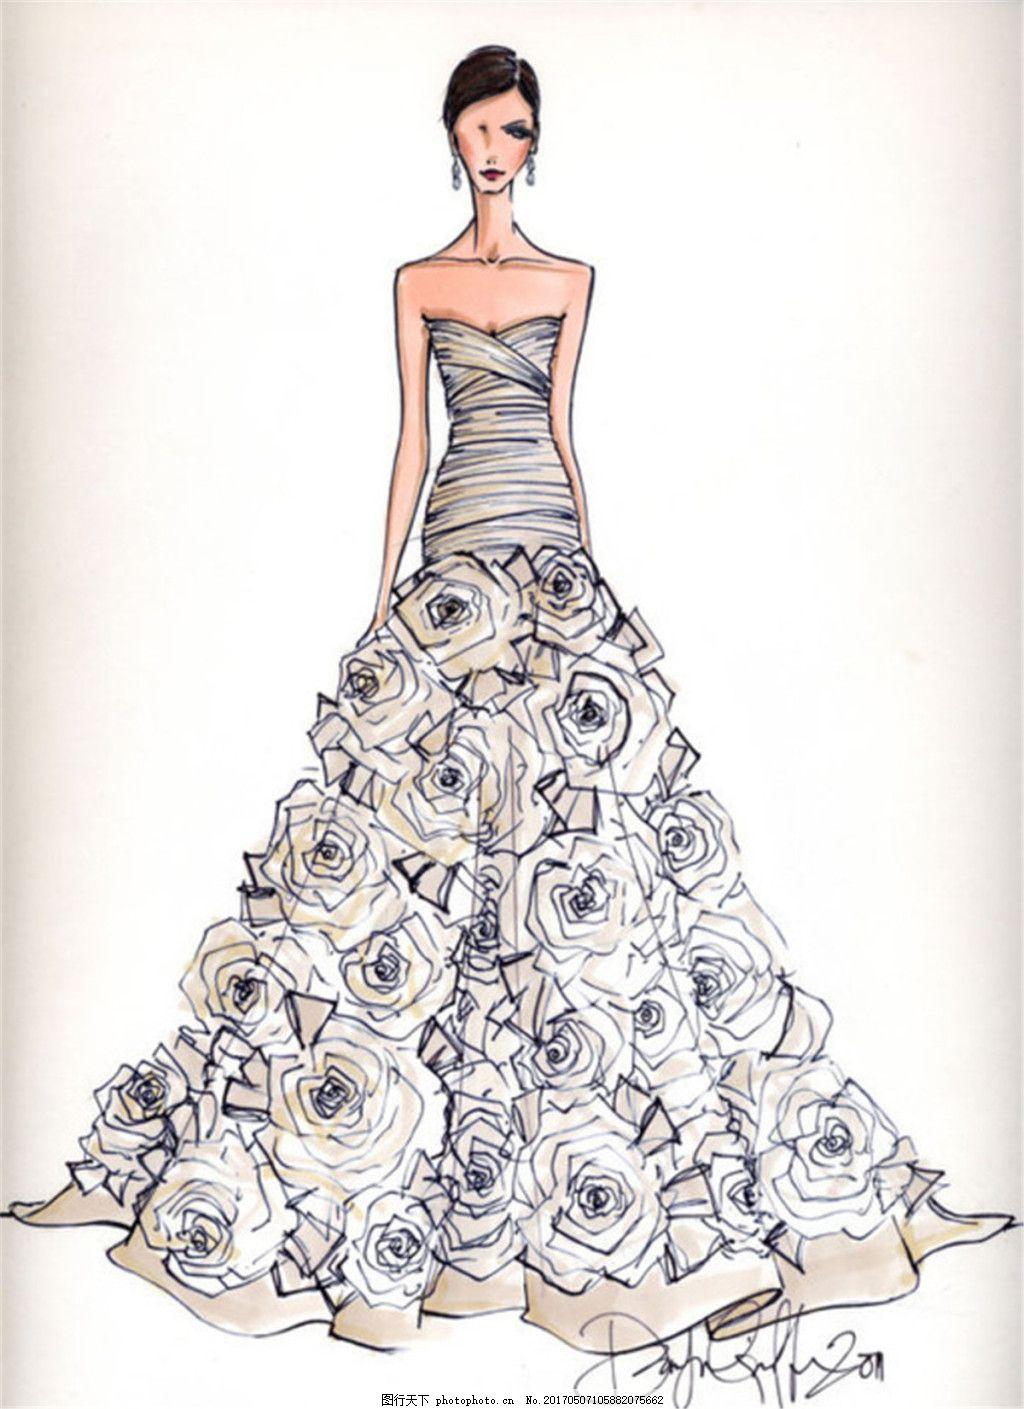 短裙 服装图片免费下载 女装设计 服装效果图 连衣裙 长裙 婚纱 礼服